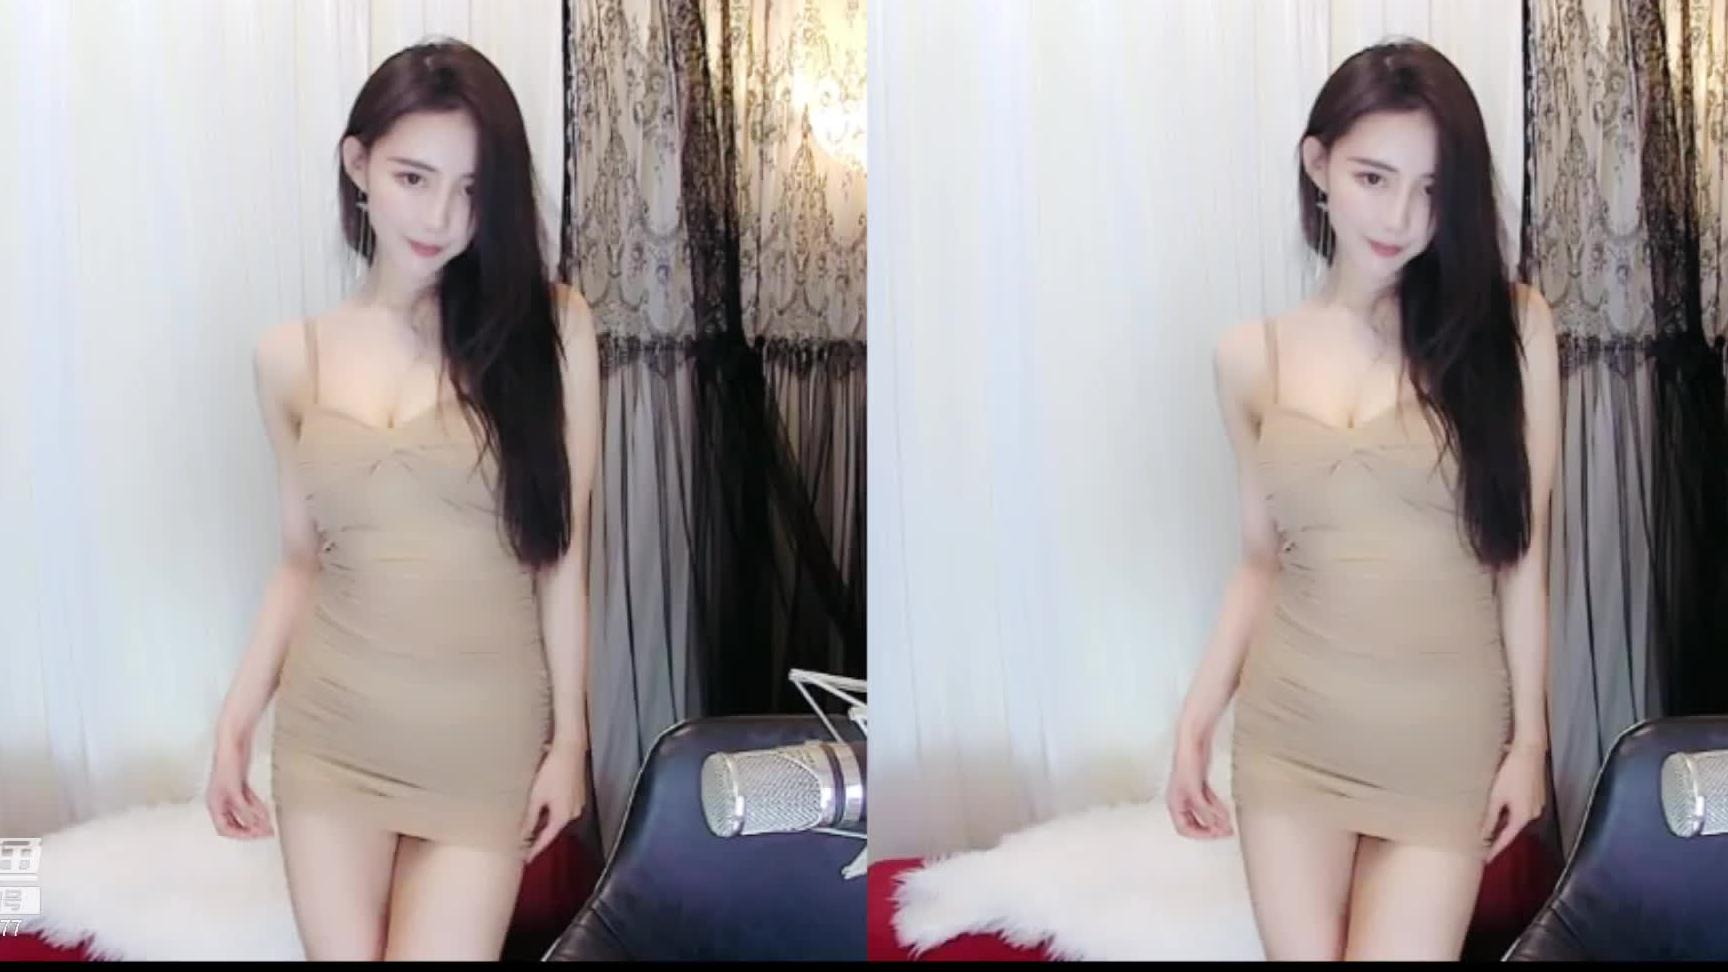 斗鱼美女主播王雨檬1.25美腿热舞直播录像